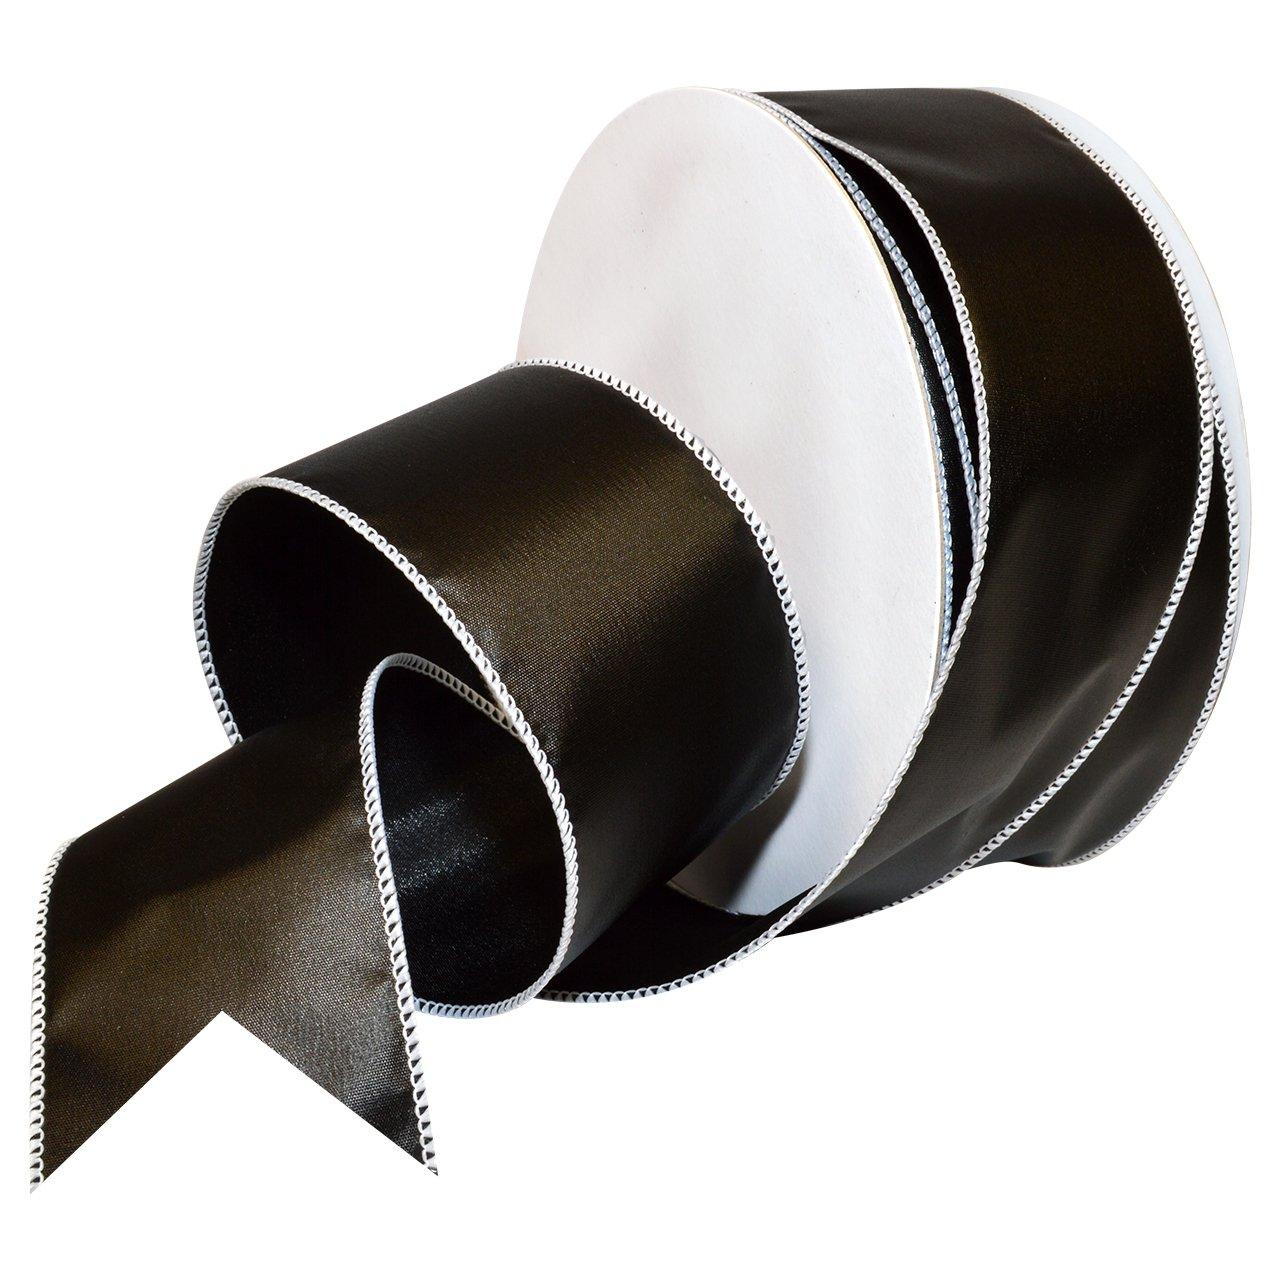 Morex Ribbon 7337.60/50-613 フレンチワイヤー ポリエステル 黒板リボン 2 1/2インチ x 50ヤード ブラック   B016QCDJ1C